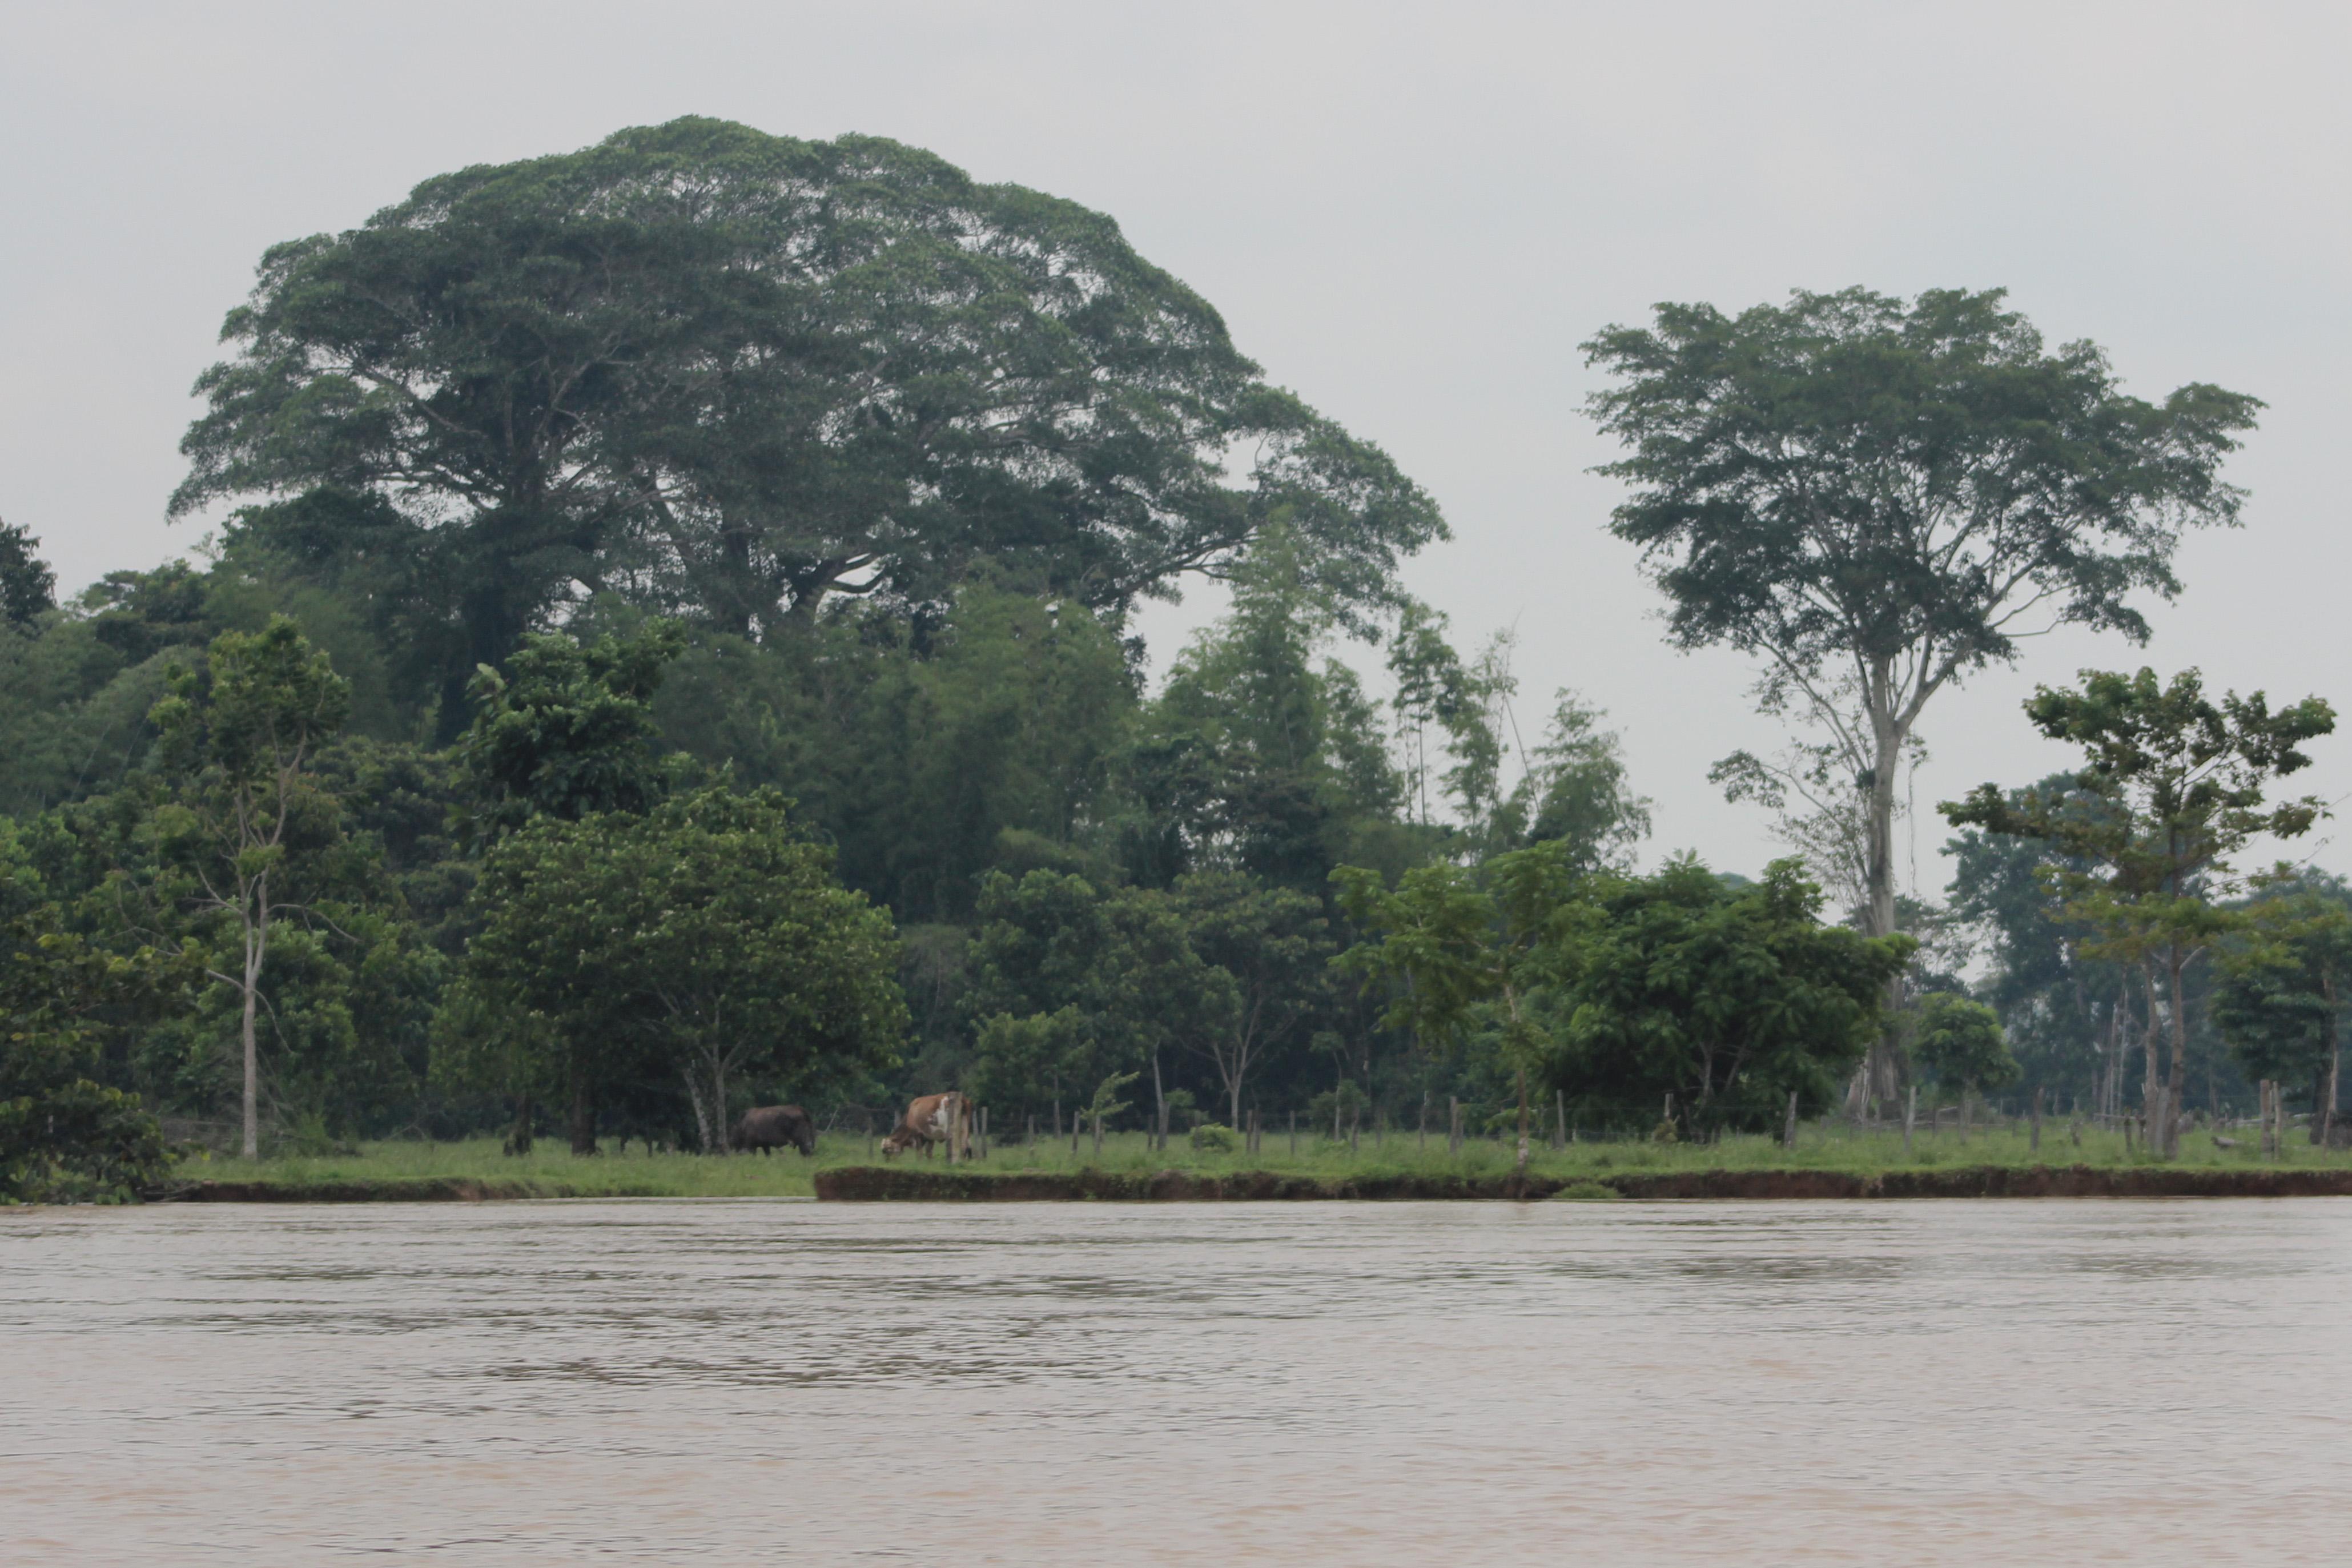 Ganadería a orillas del río Orteguaza, Caquetá. Foto: Guillermo Rico